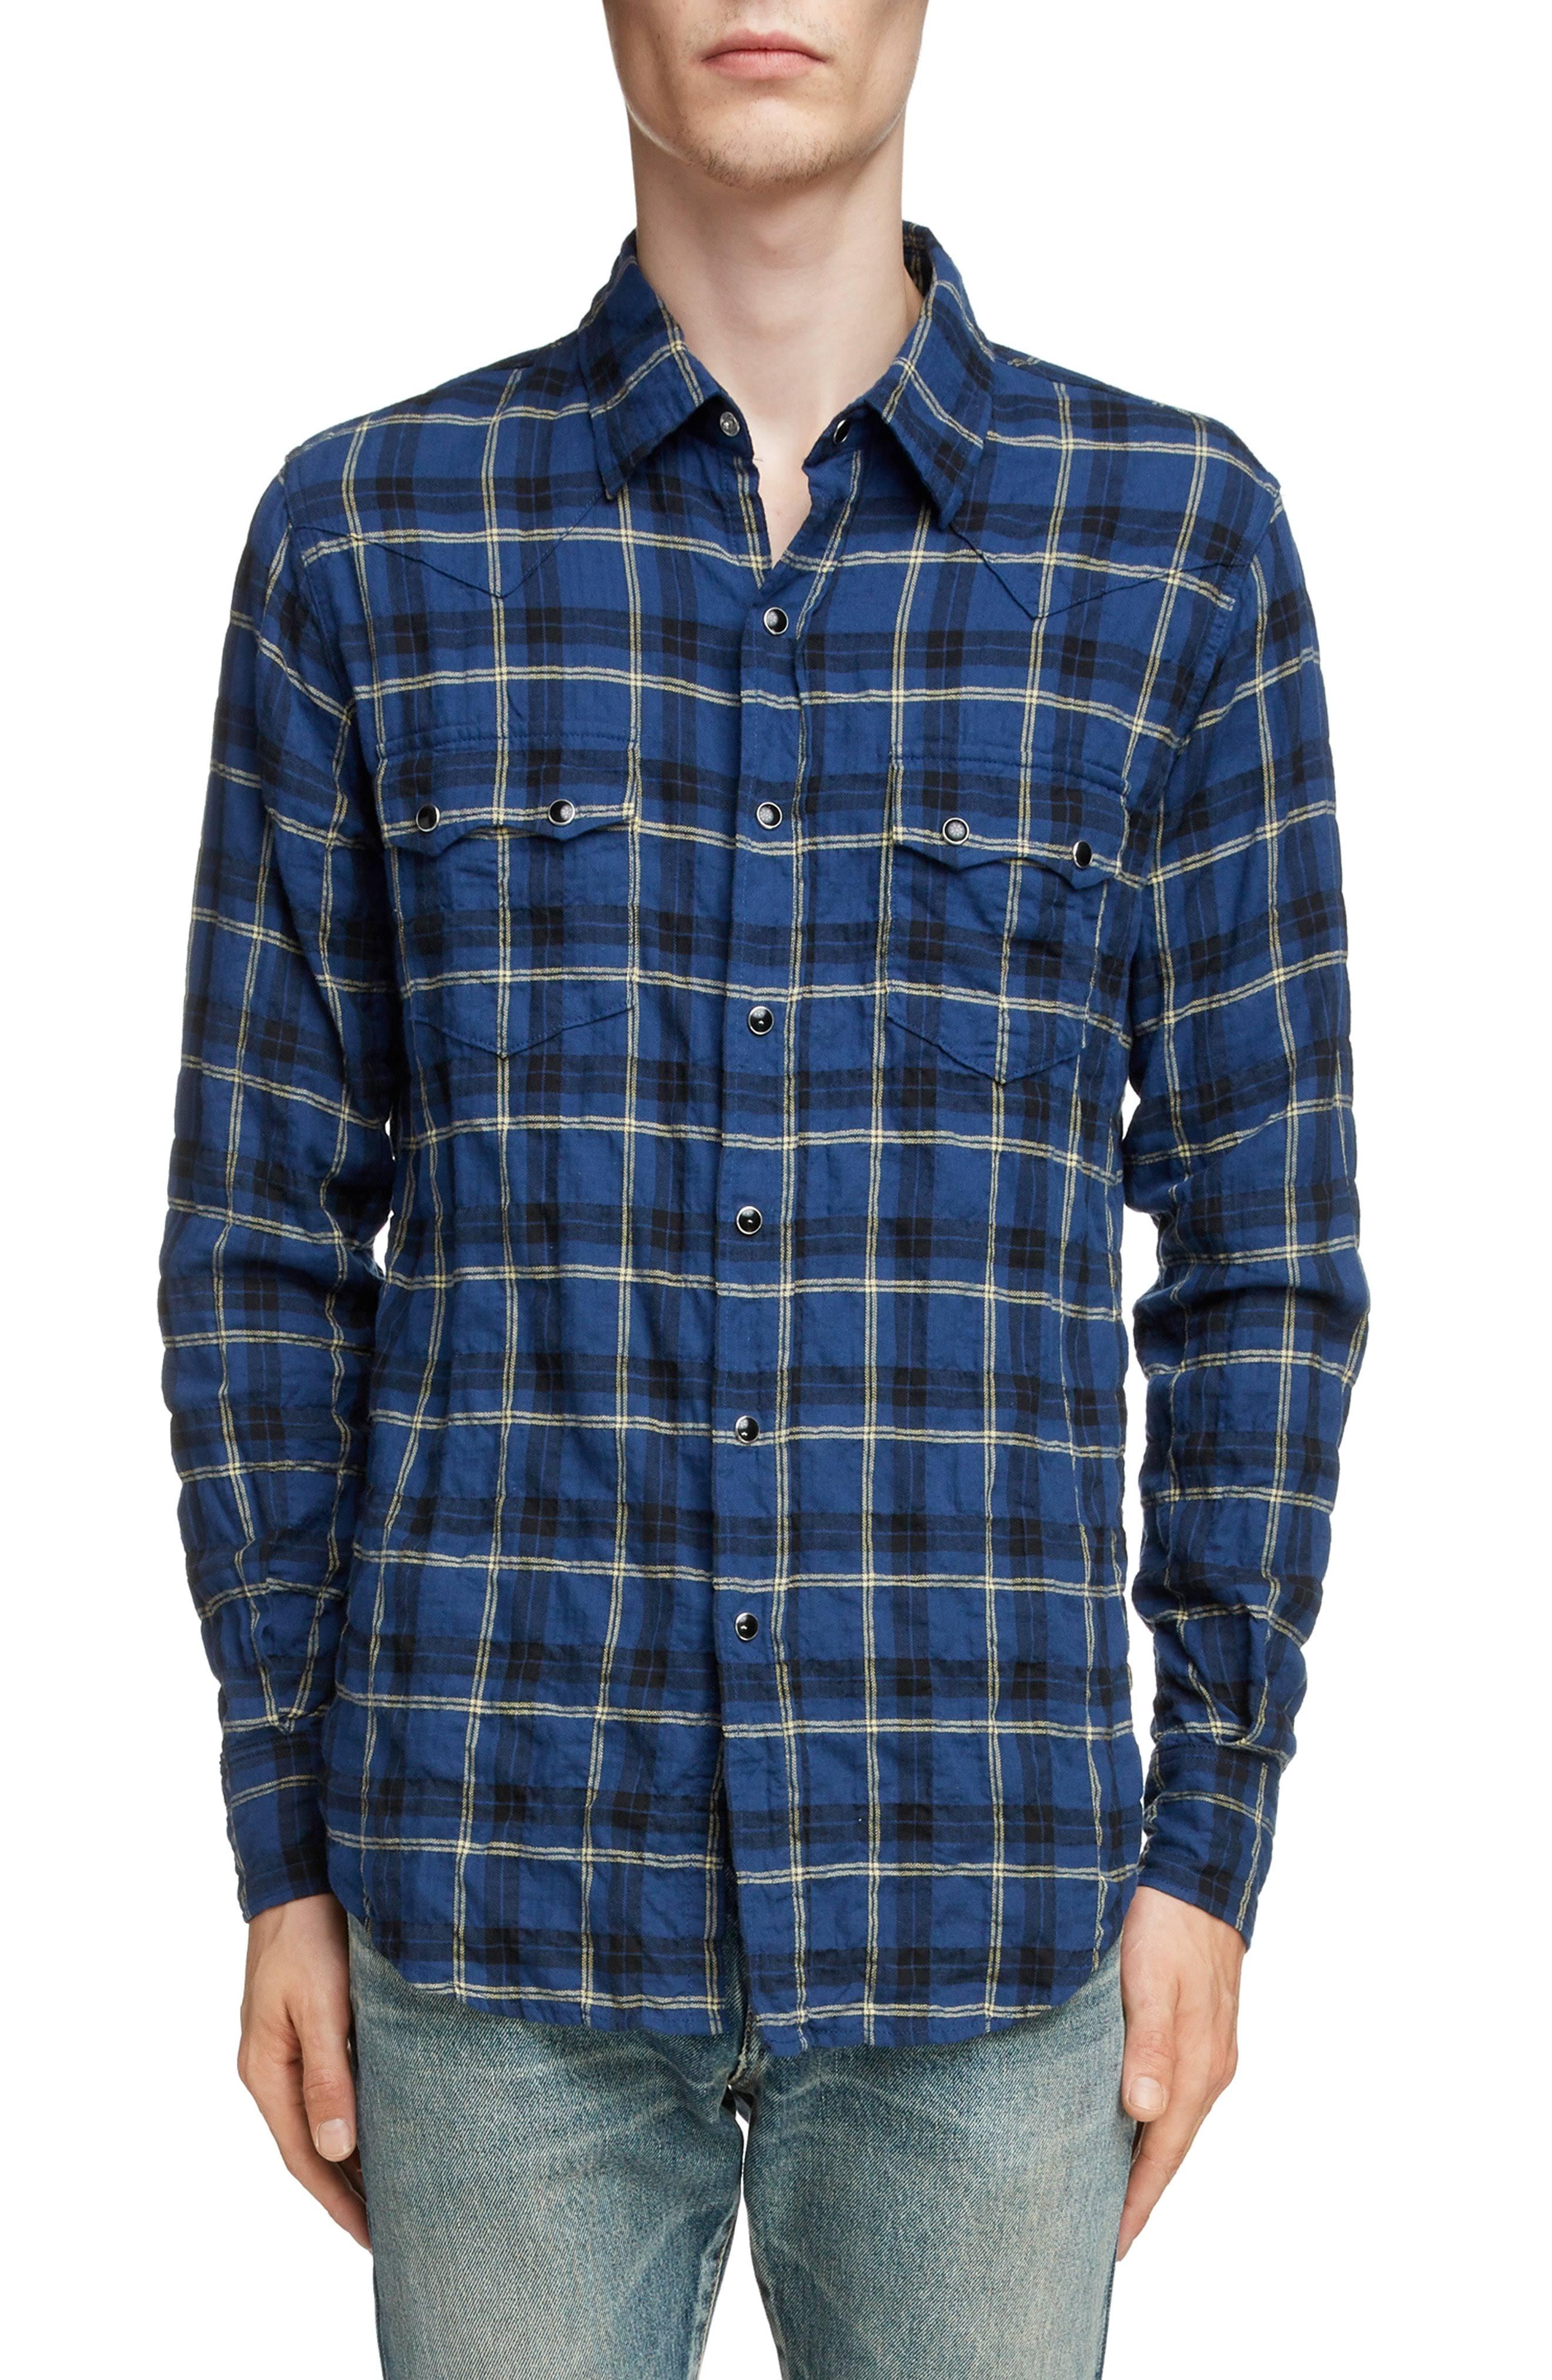 Laurent Saint Shirt Herren Flanell Gelb Blau Sport M Pocket Gelb Z4dgPqwn4r